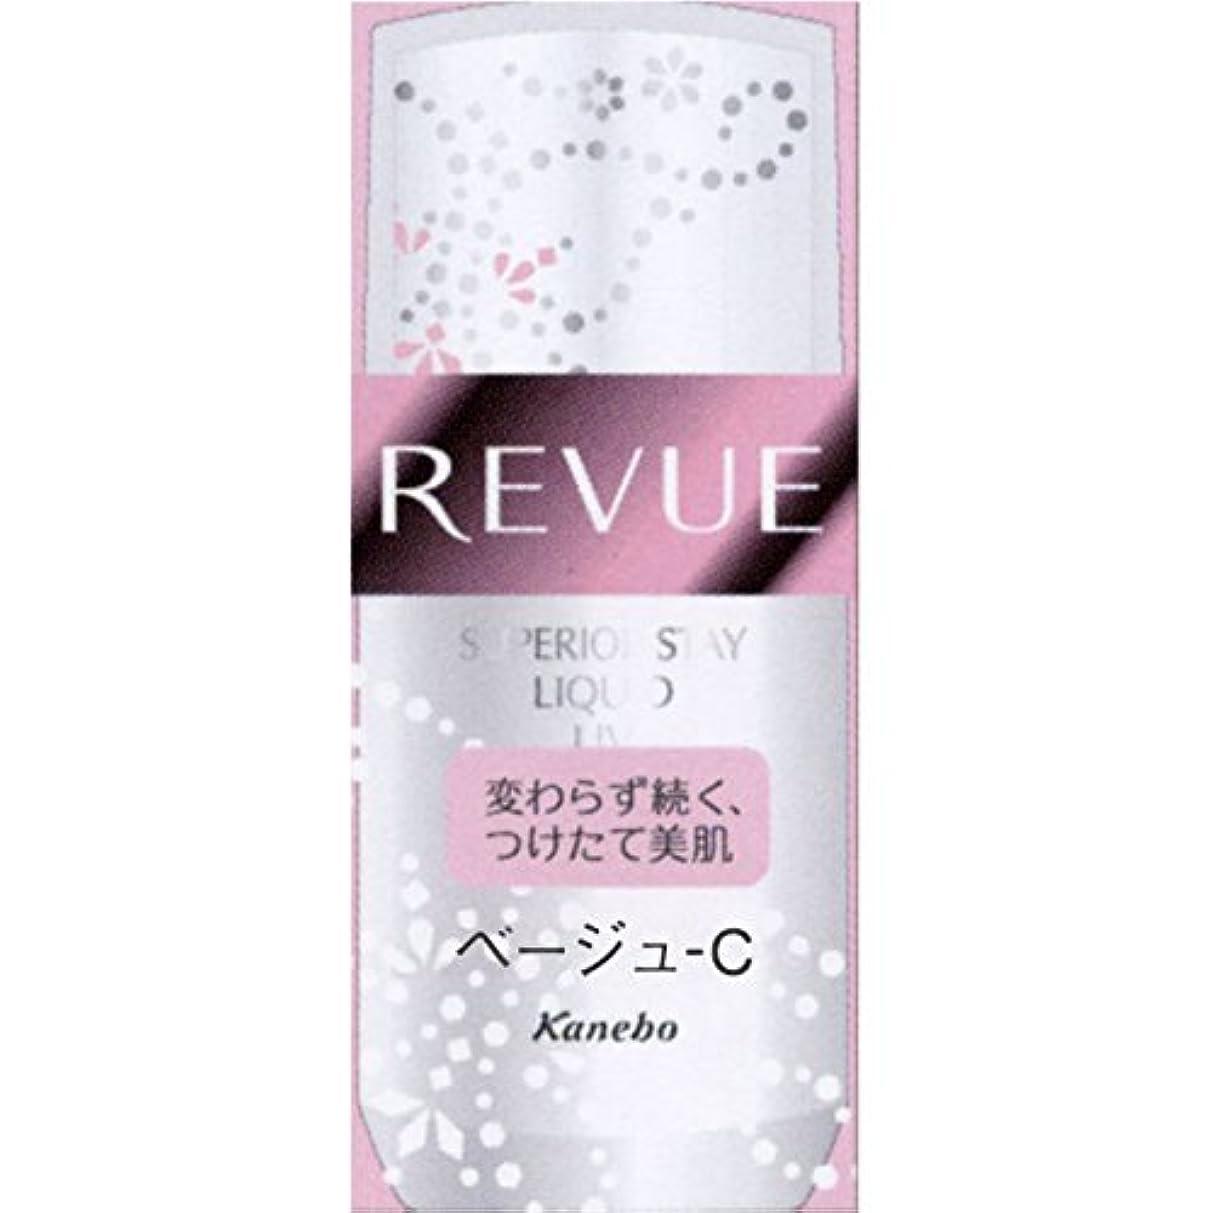 スクワイア役立つ規範カネボウレヴュー(REVUE)スーペリアステイリクイドUVn  カラー:ベージュC